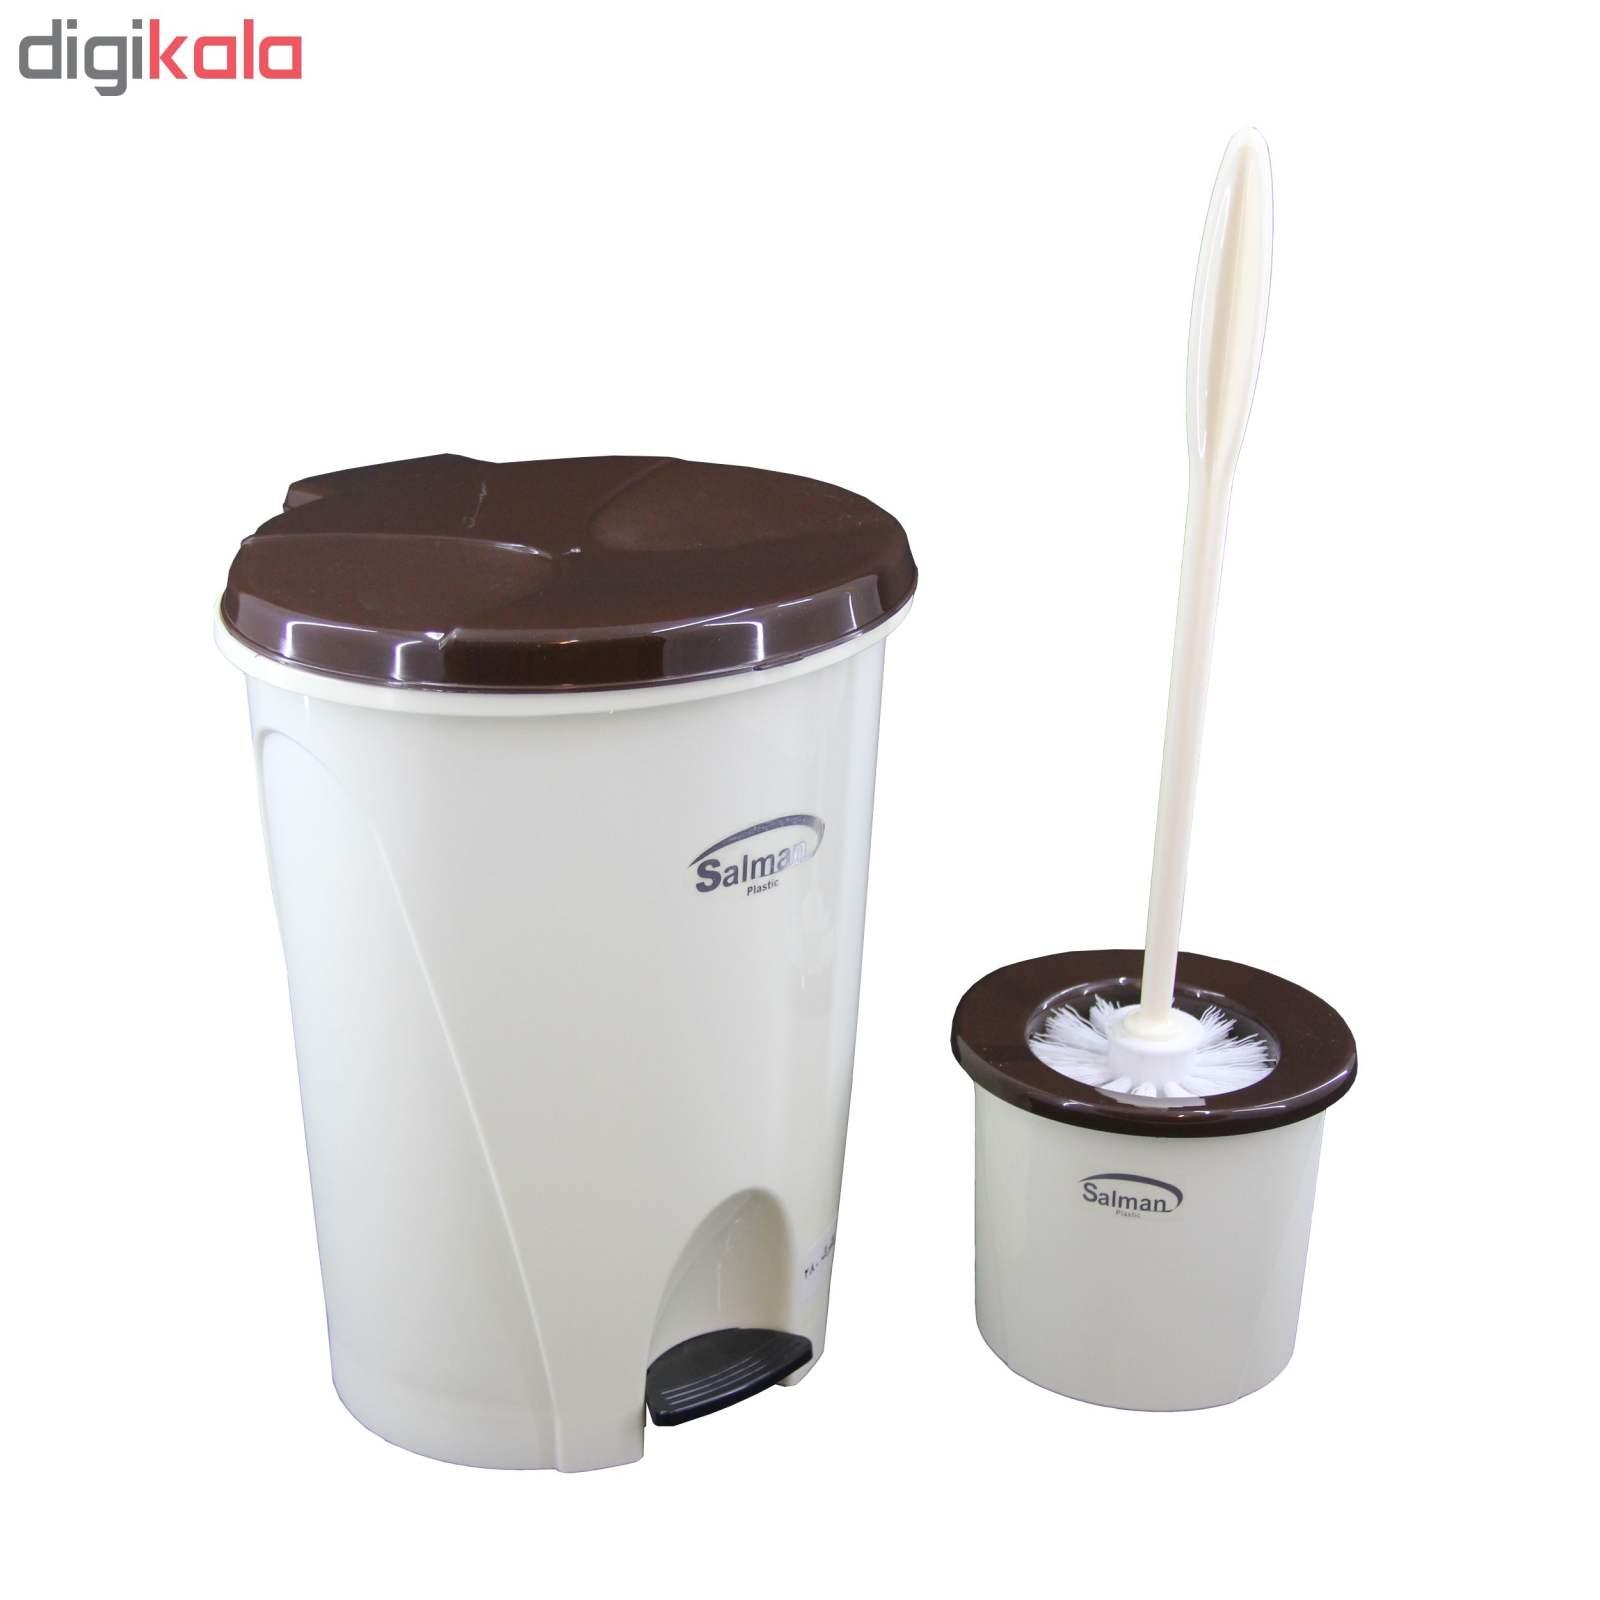 ست سطل زباله و فرچه پلاستیک سلمان مدل گلبرگ 280 main 1 2